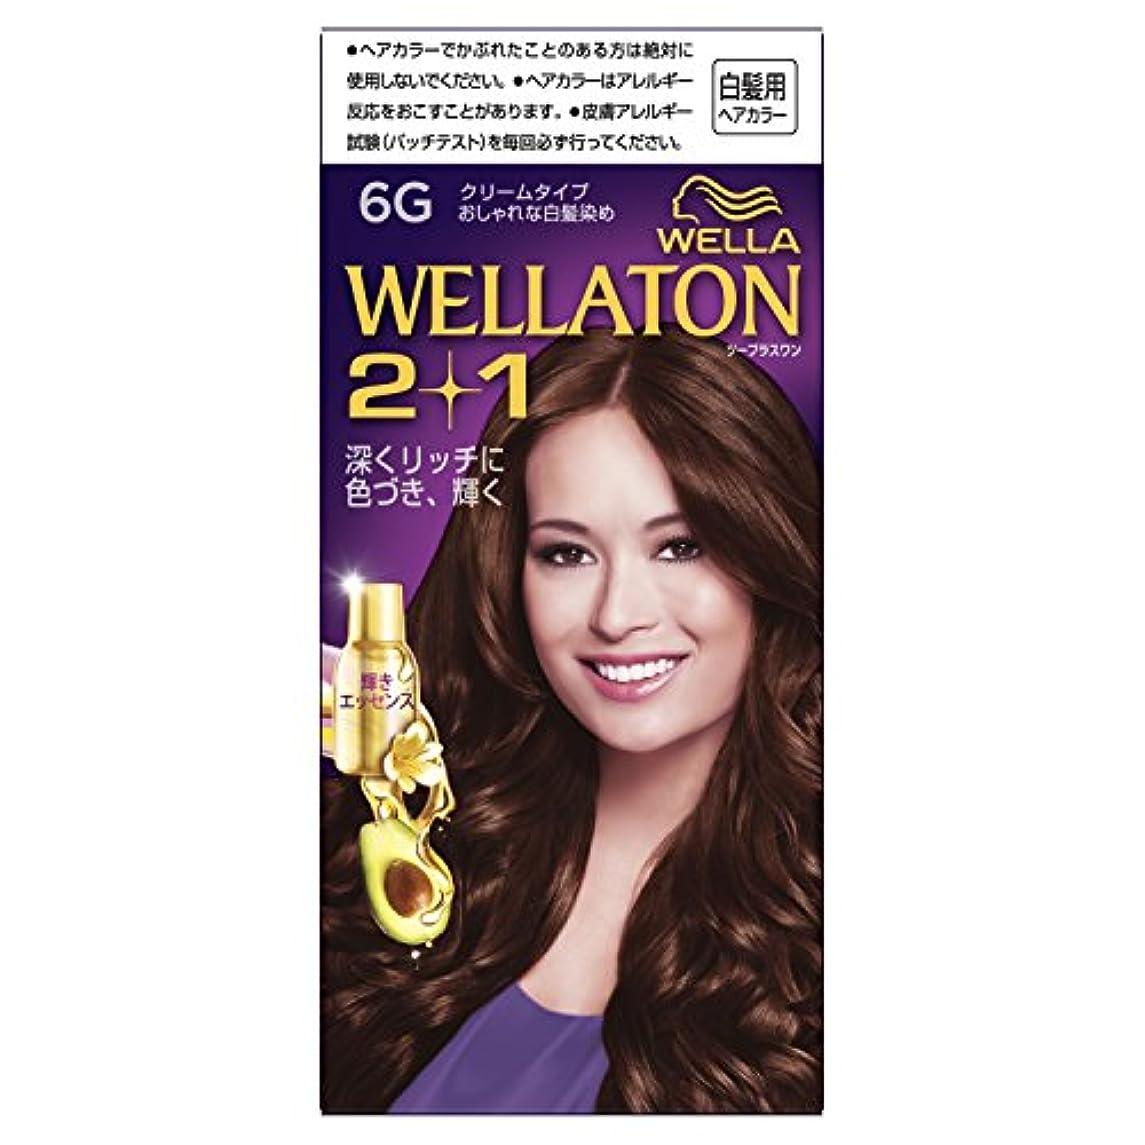 豚土器代わりのウエラトーン2+1 クリームタイプ 6G [医薬部外品](おしゃれな白髪染め)